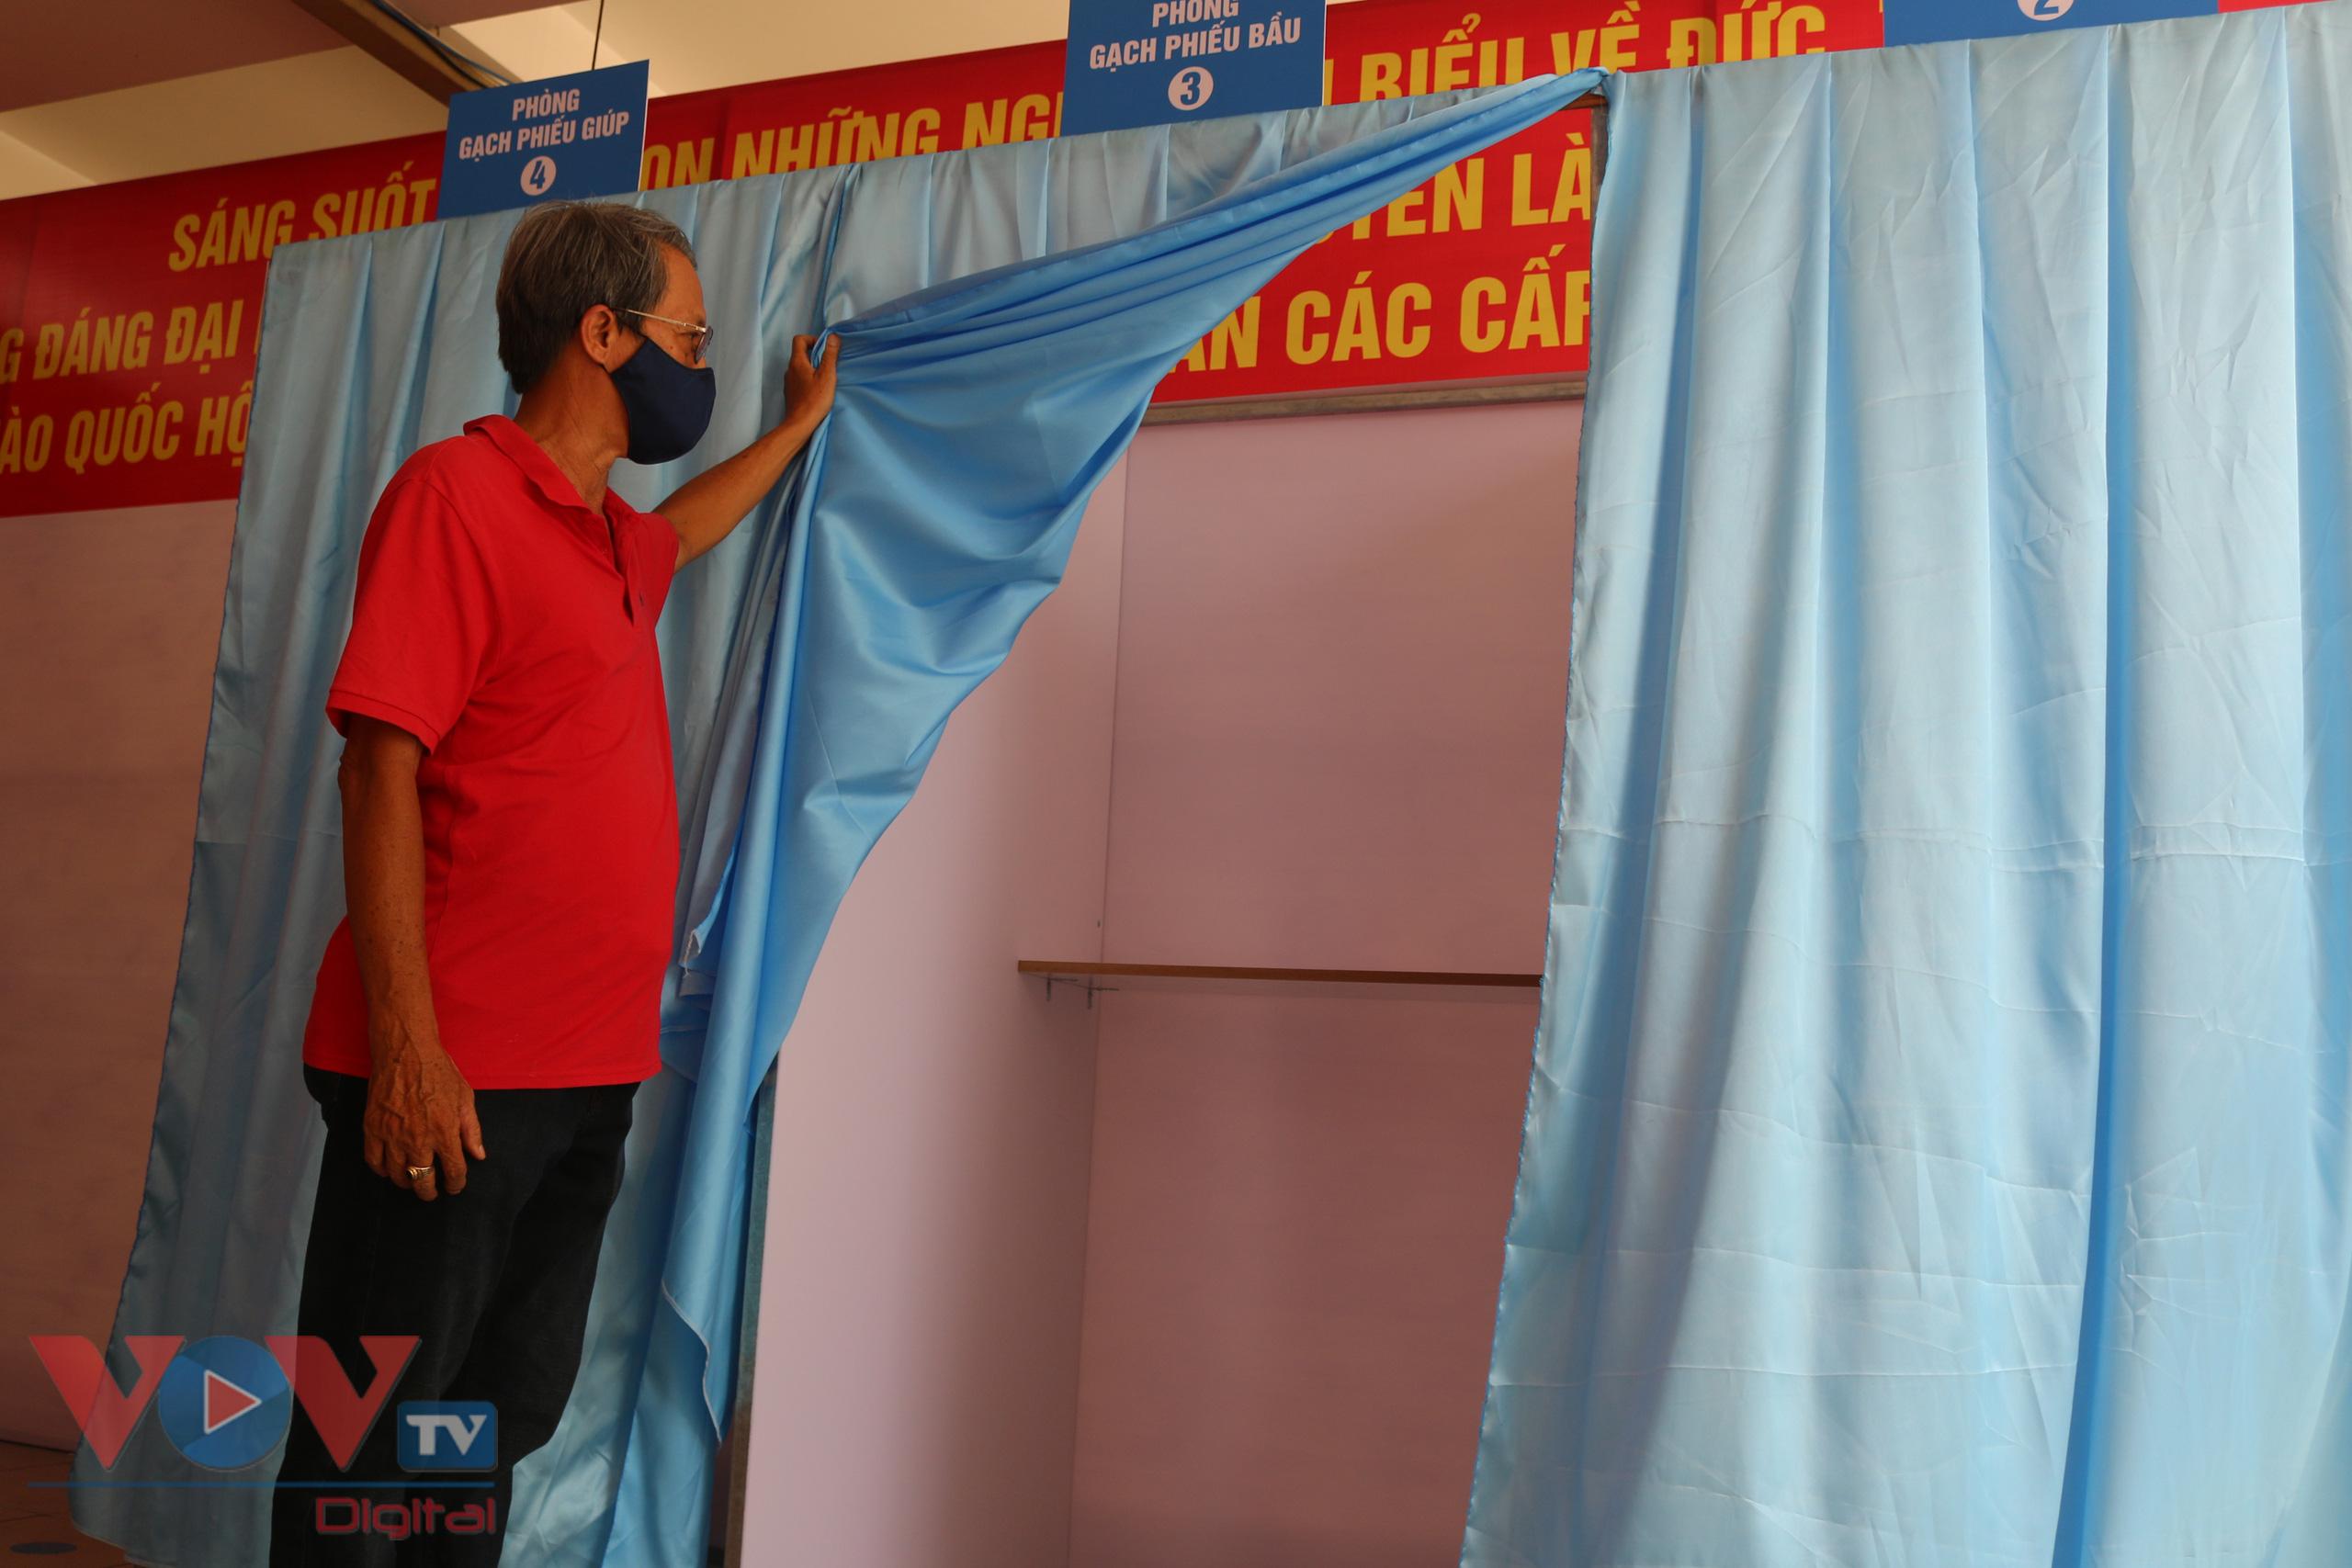 Buồng dành cho cử tri điền phiếu bầu của điểm bầu cử khu phố 7, phường Đa Kao, Quận 1, TPHCM